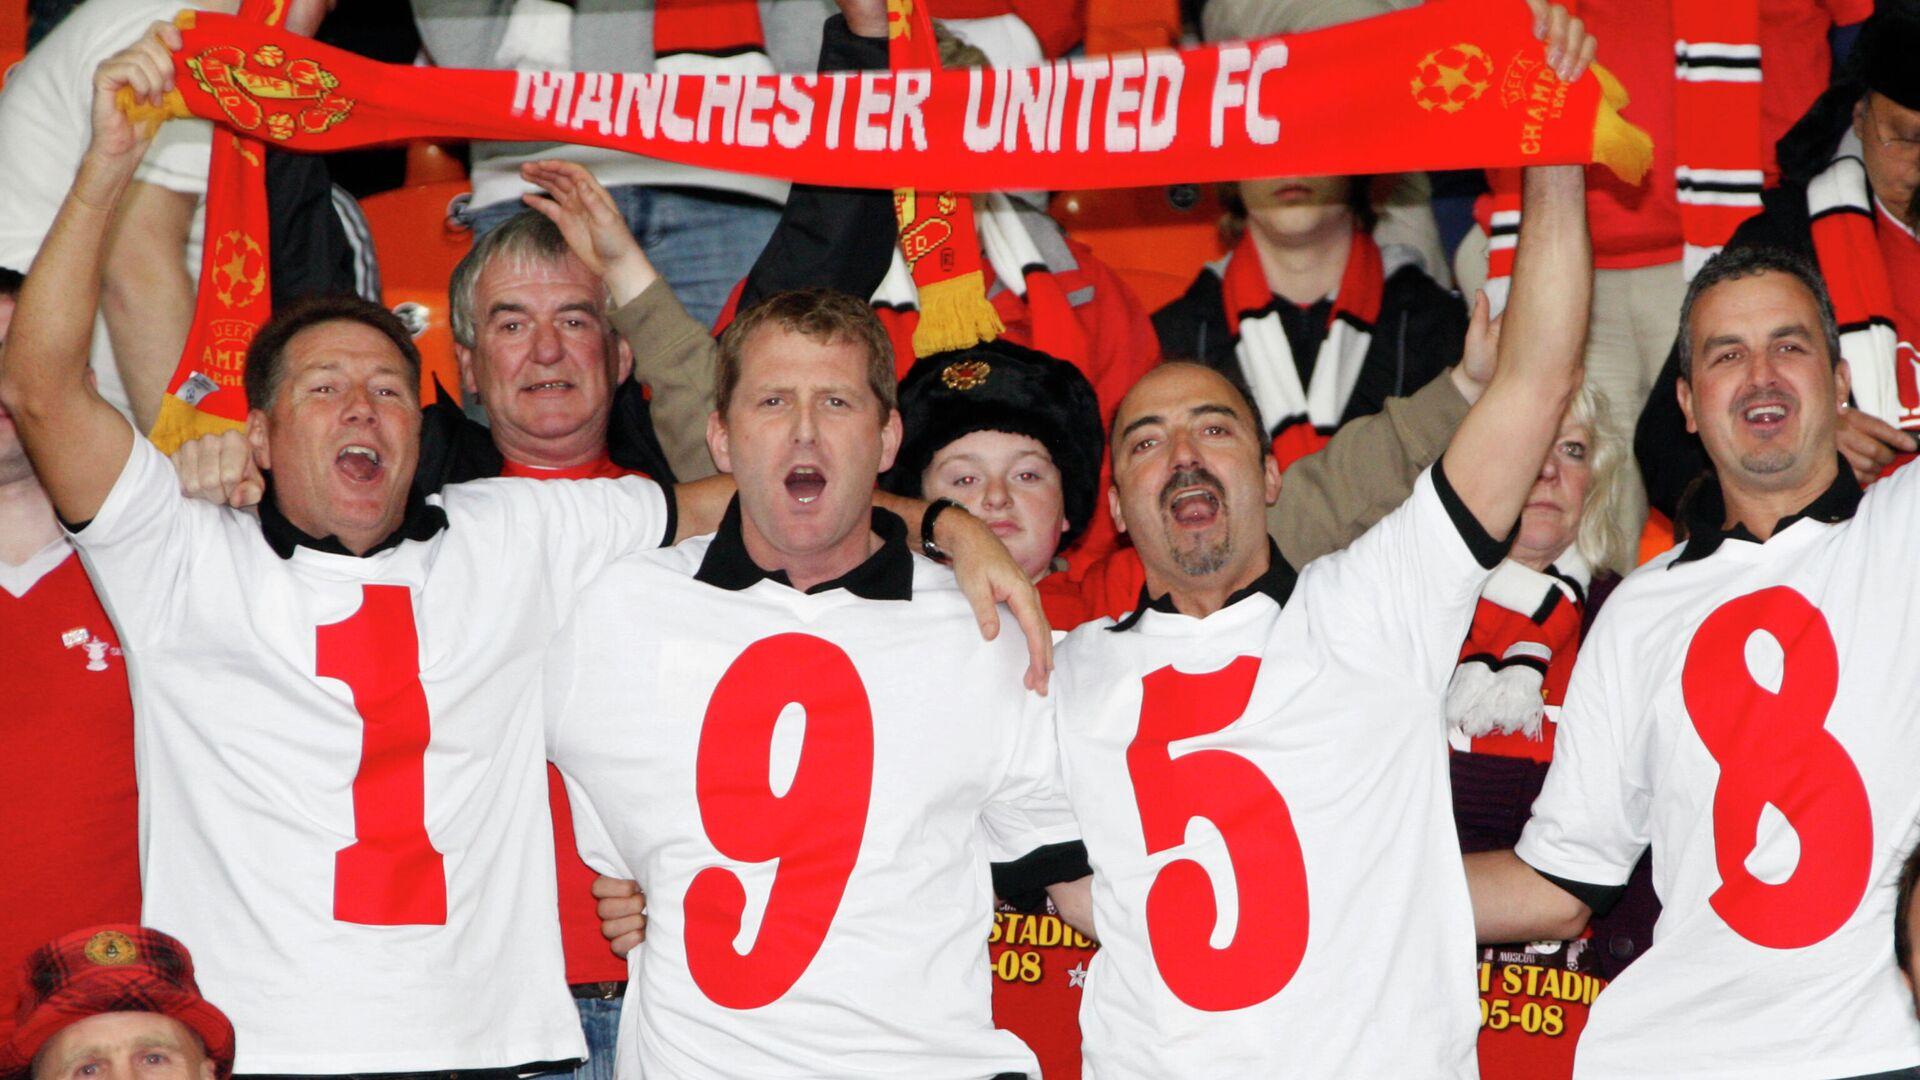 Фанаты Манчестер Юнайтед отдают дань памяти 50-летию Мюнхенской трагедии. В авиакатастрофе погибла половина игроков основного состава и персонала клуба. - РИА Новости, 1920, 21.04.2021